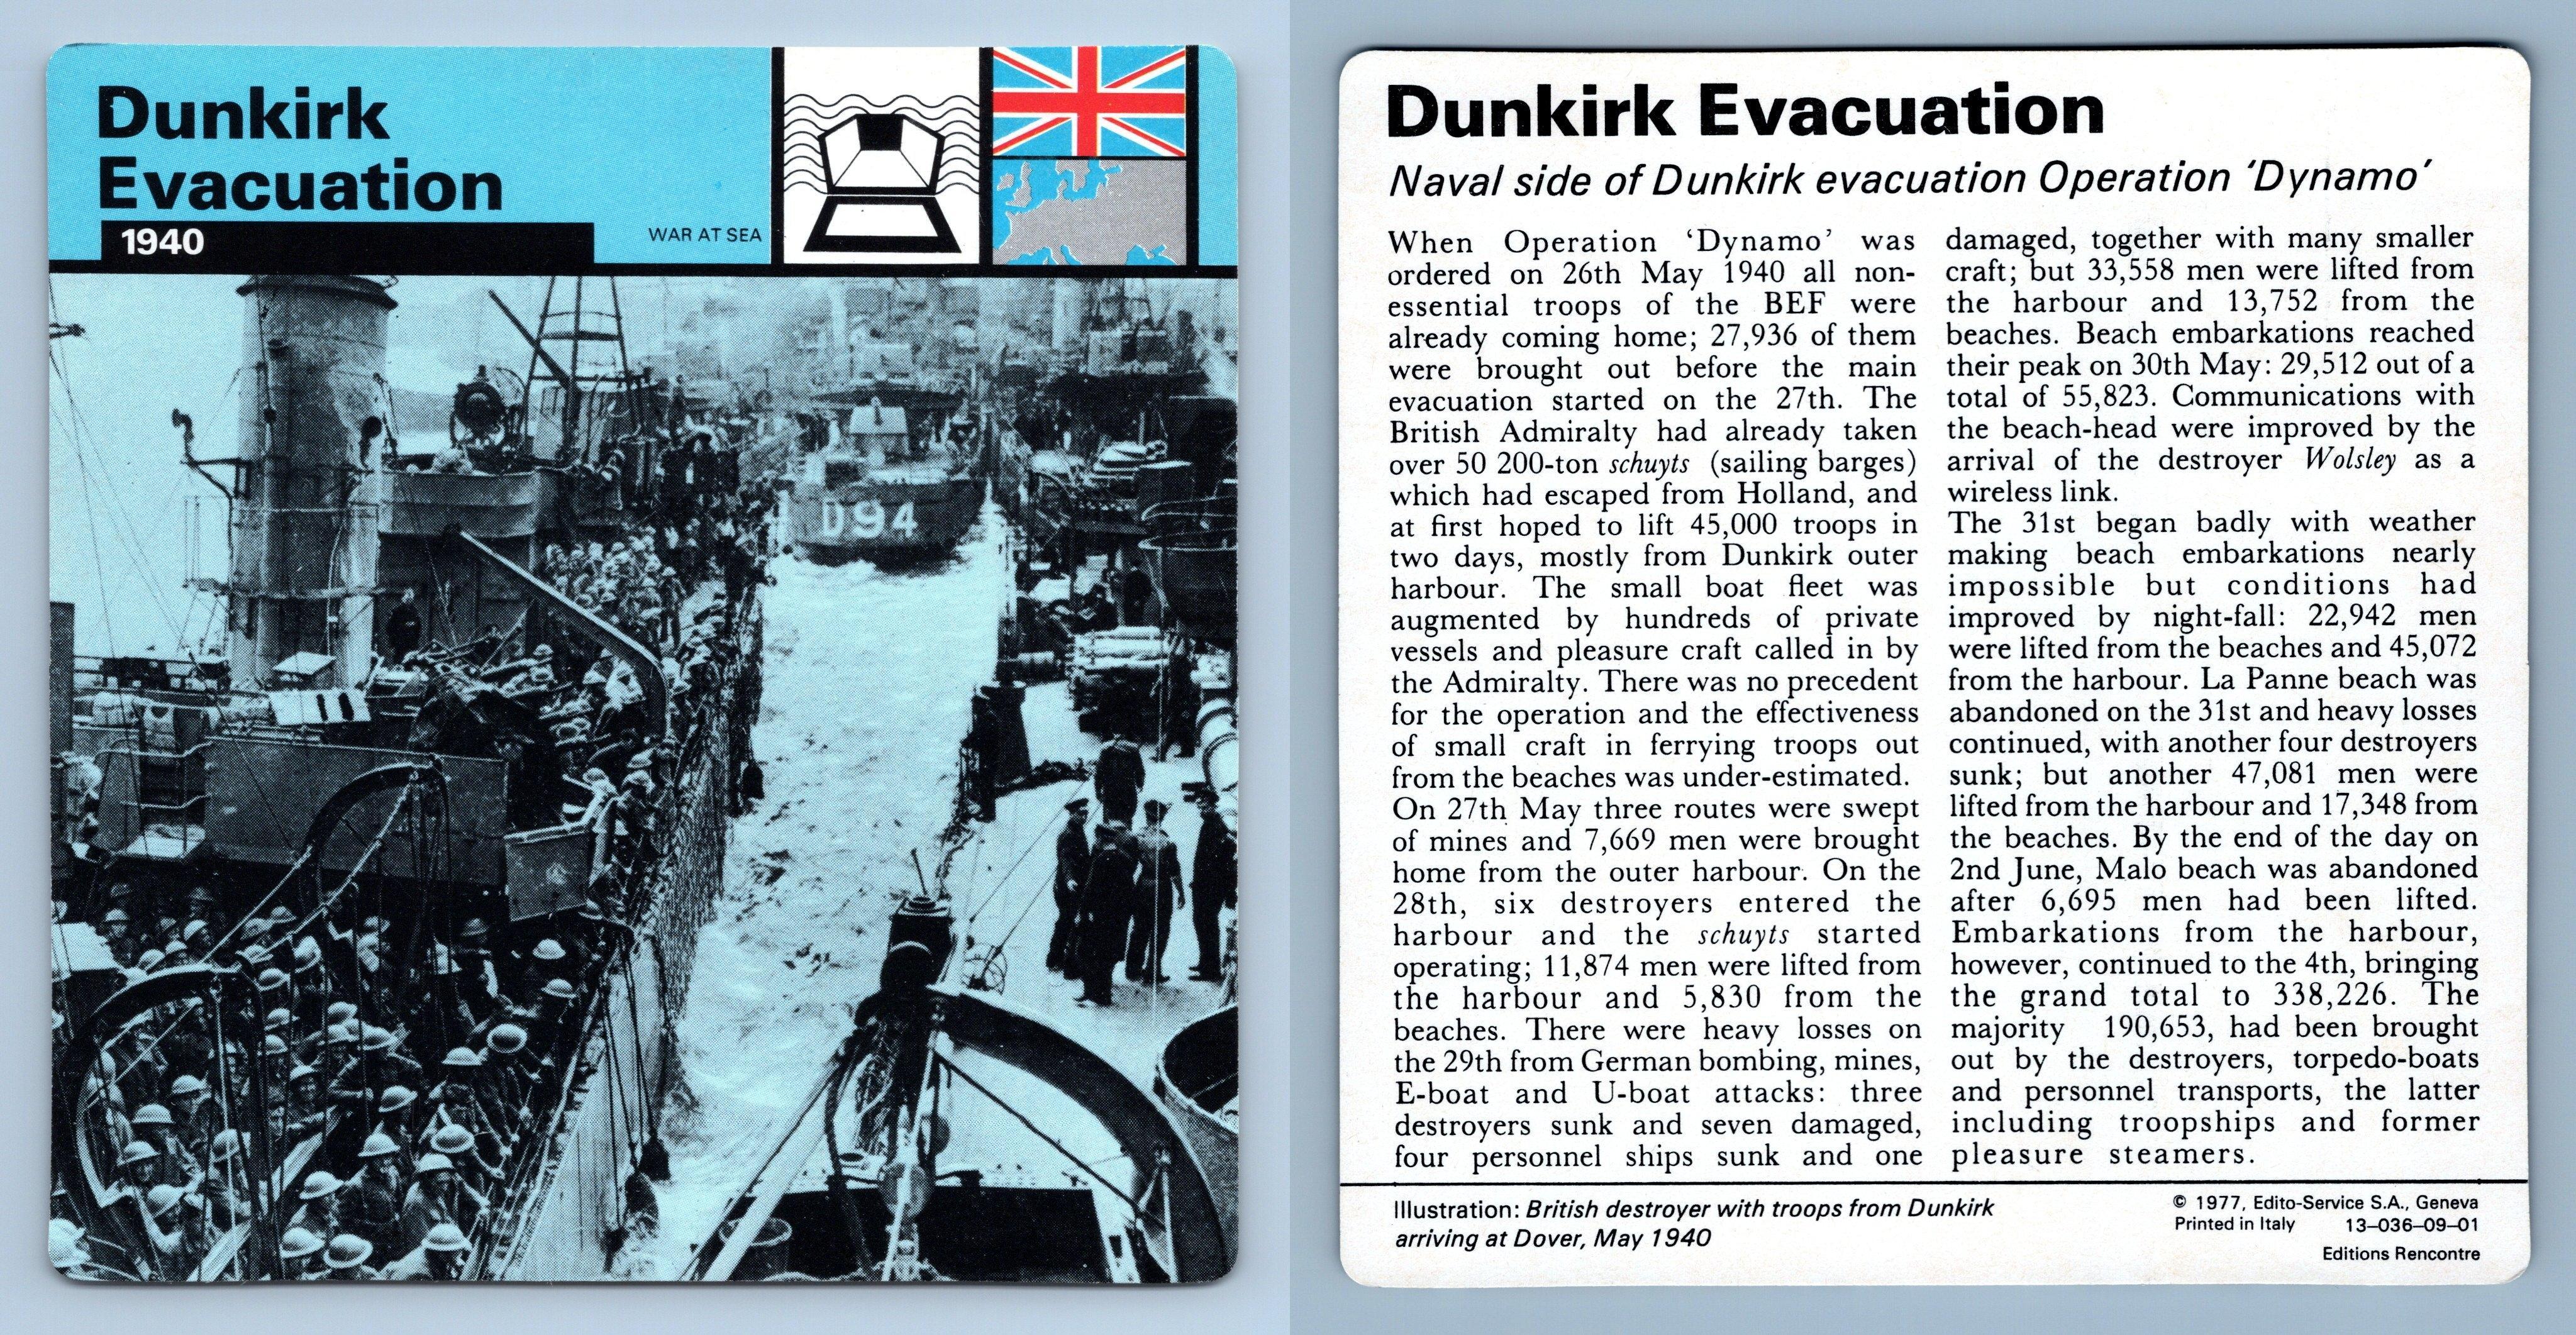 II 1941-45 War At Sea WW2 Edito-Service SA 1977 Card US Plans Pacific War